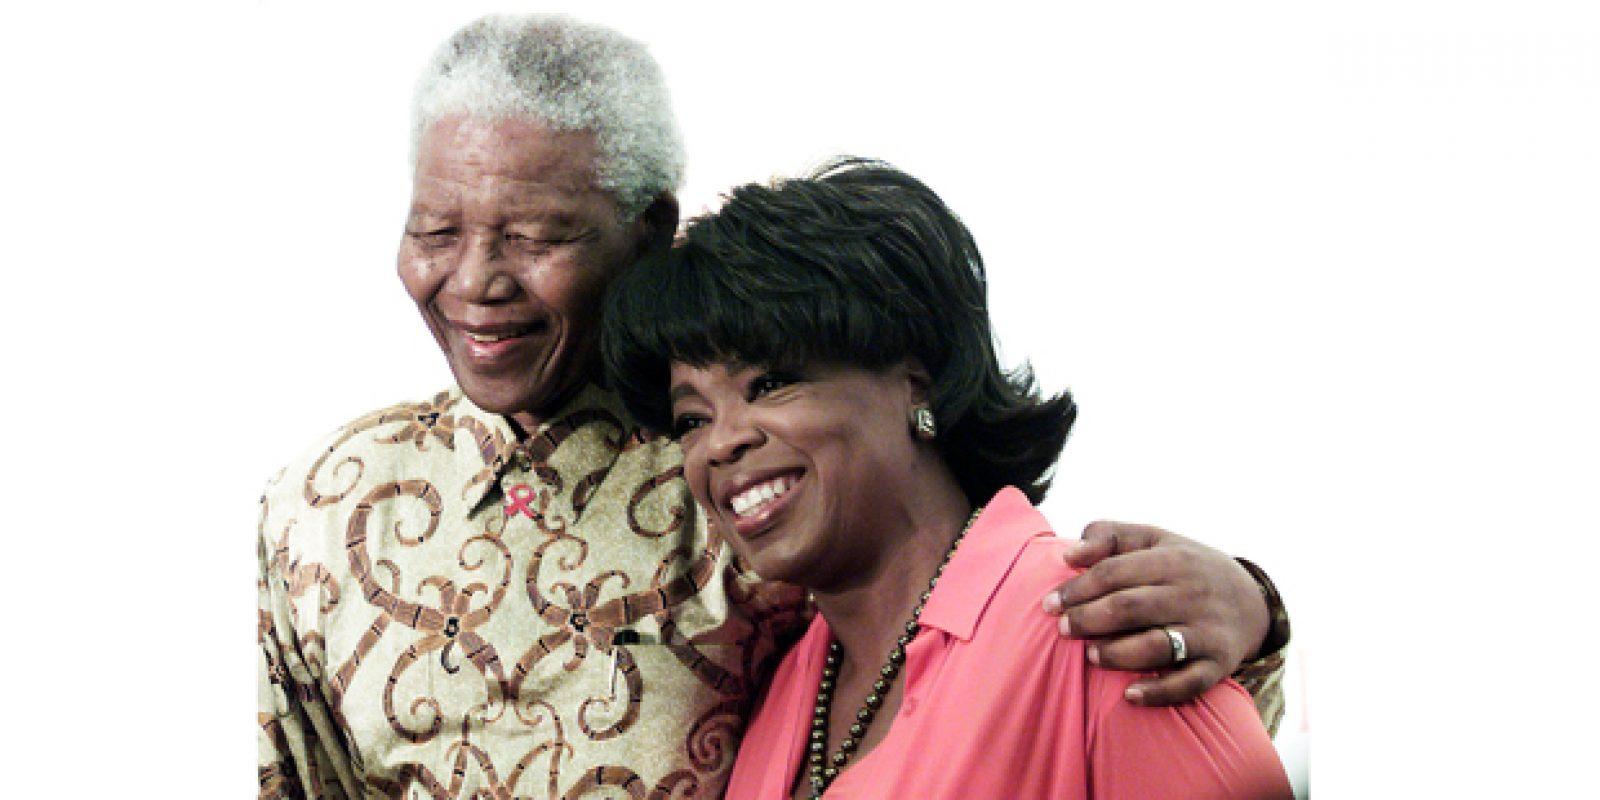 O ex-presidente Nelson Mandela com a apresentadora Oprah Winfrey, em Joanesburgo, em registro de 2002 | Juda Ngwenya/Reuters